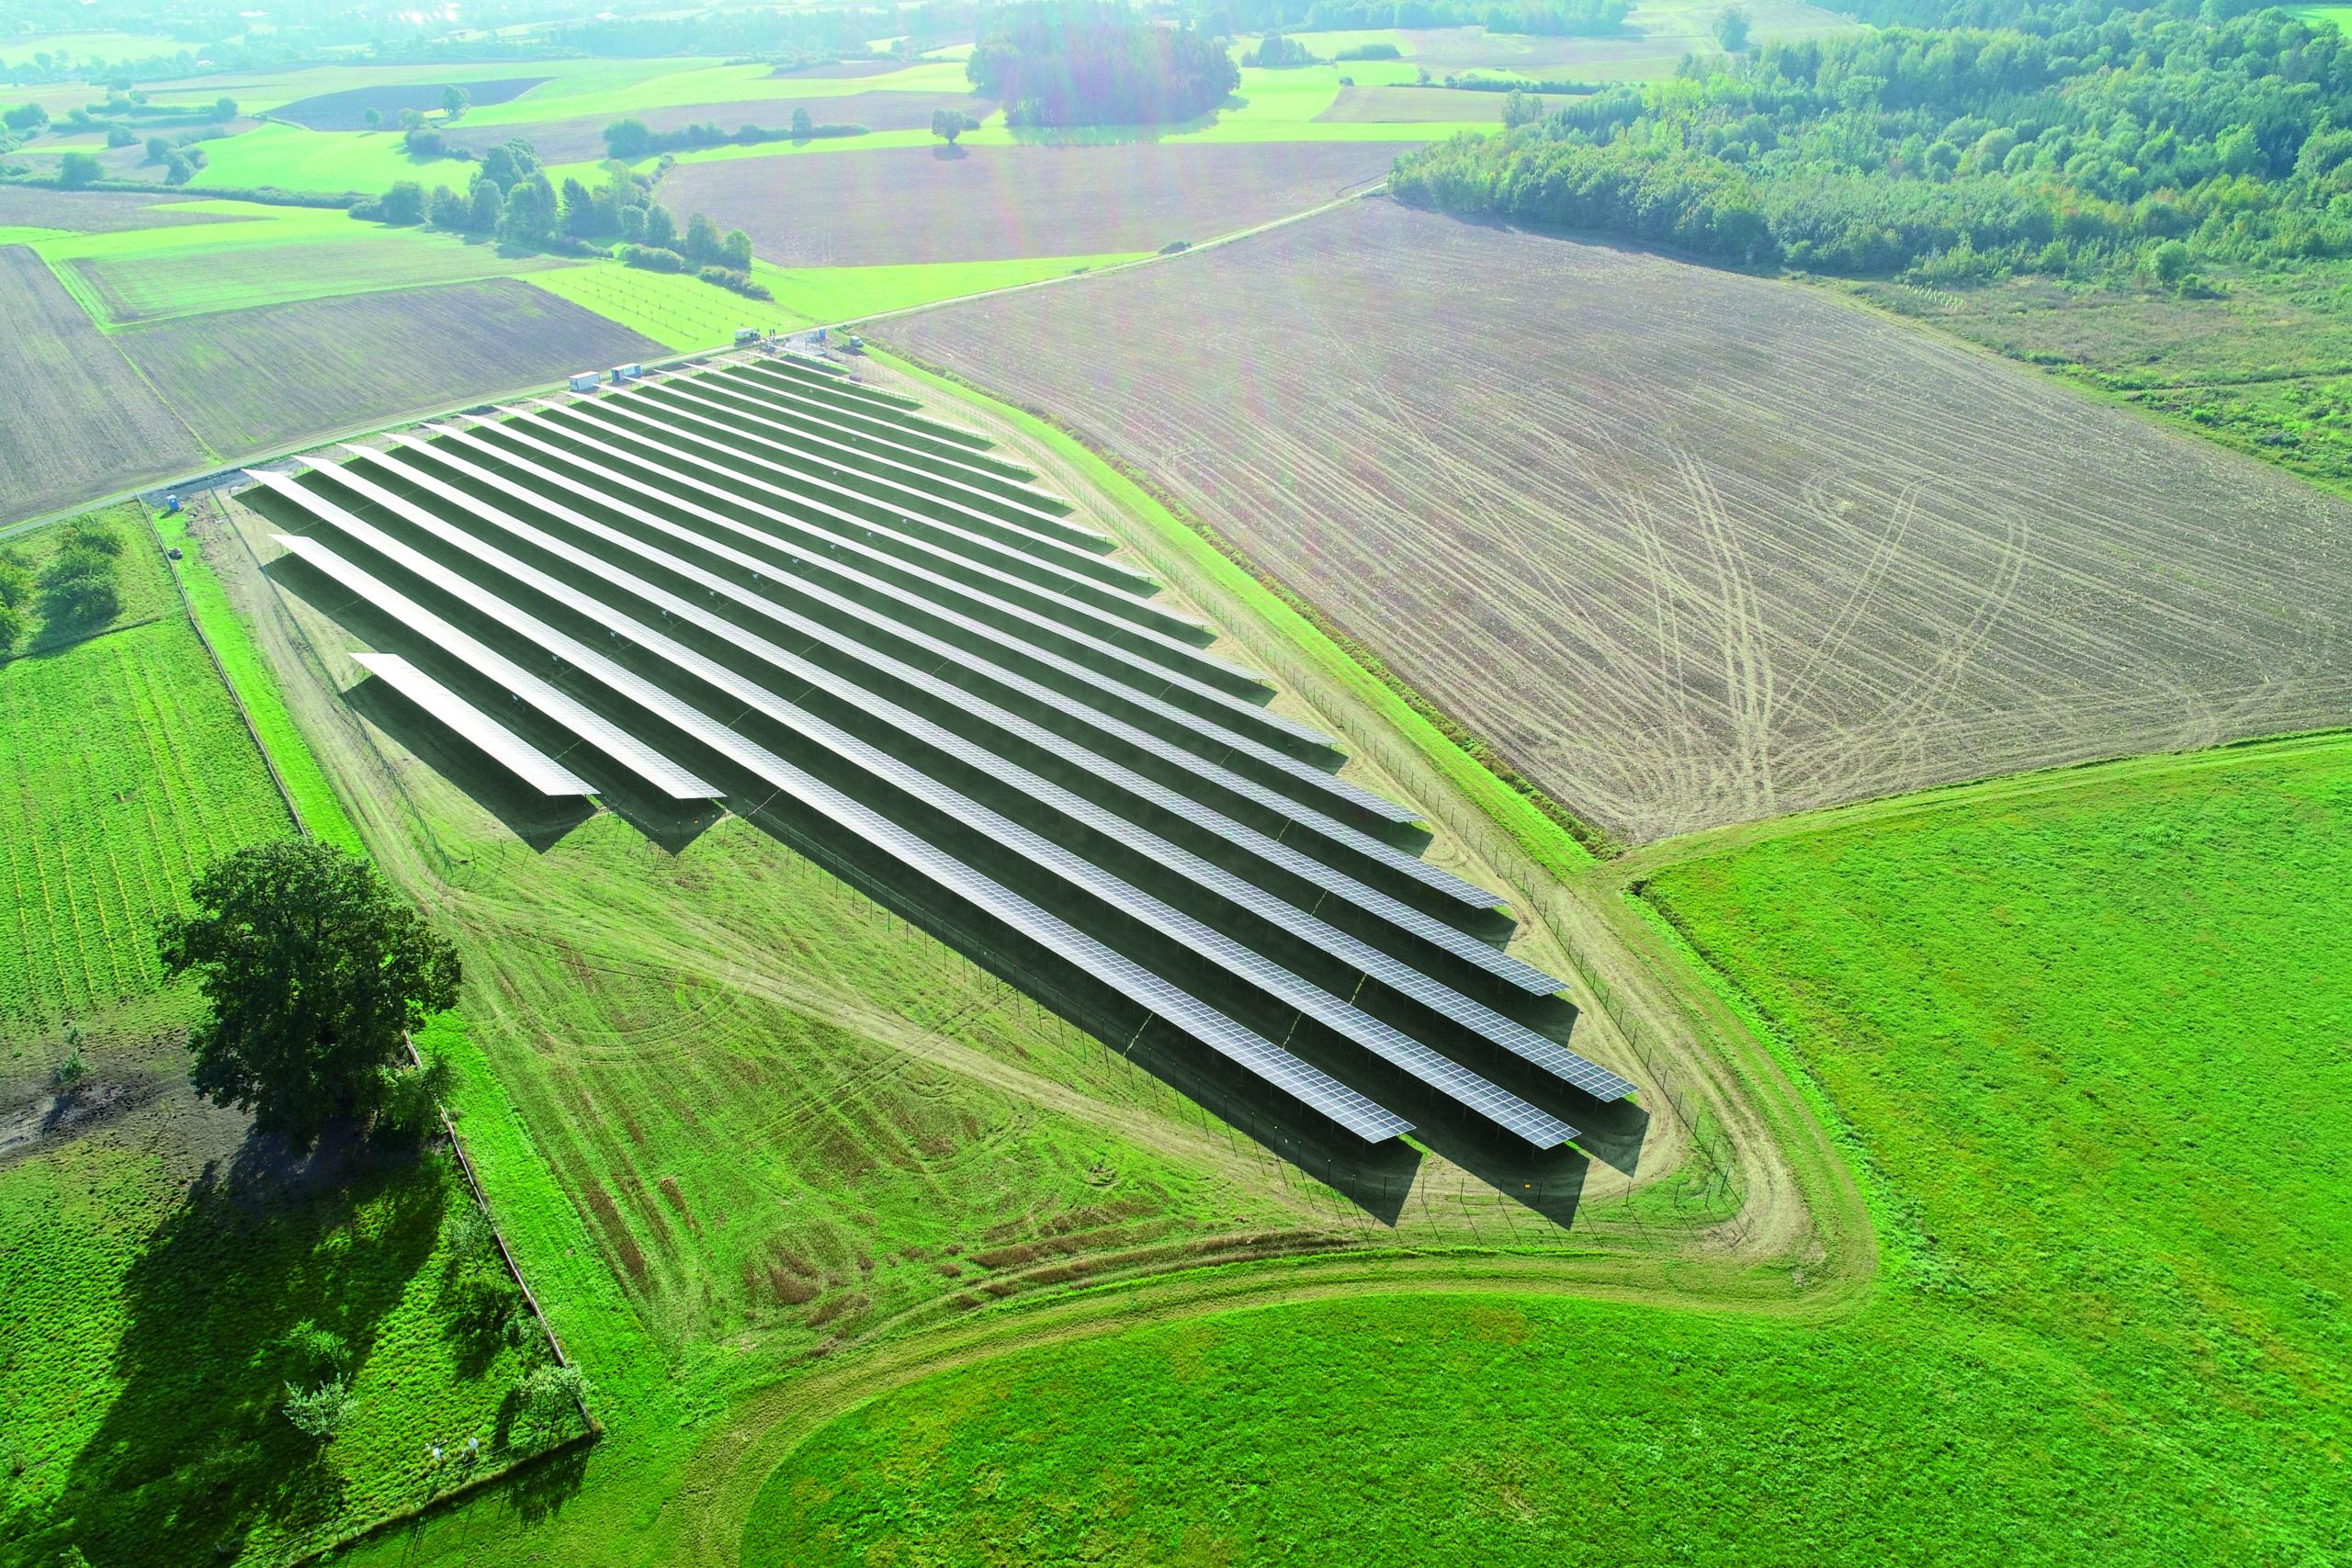 SL Rack Freiflächensystem - 3V | Standort: Bayern, Deutschland | Leistung: 5,8 MWp